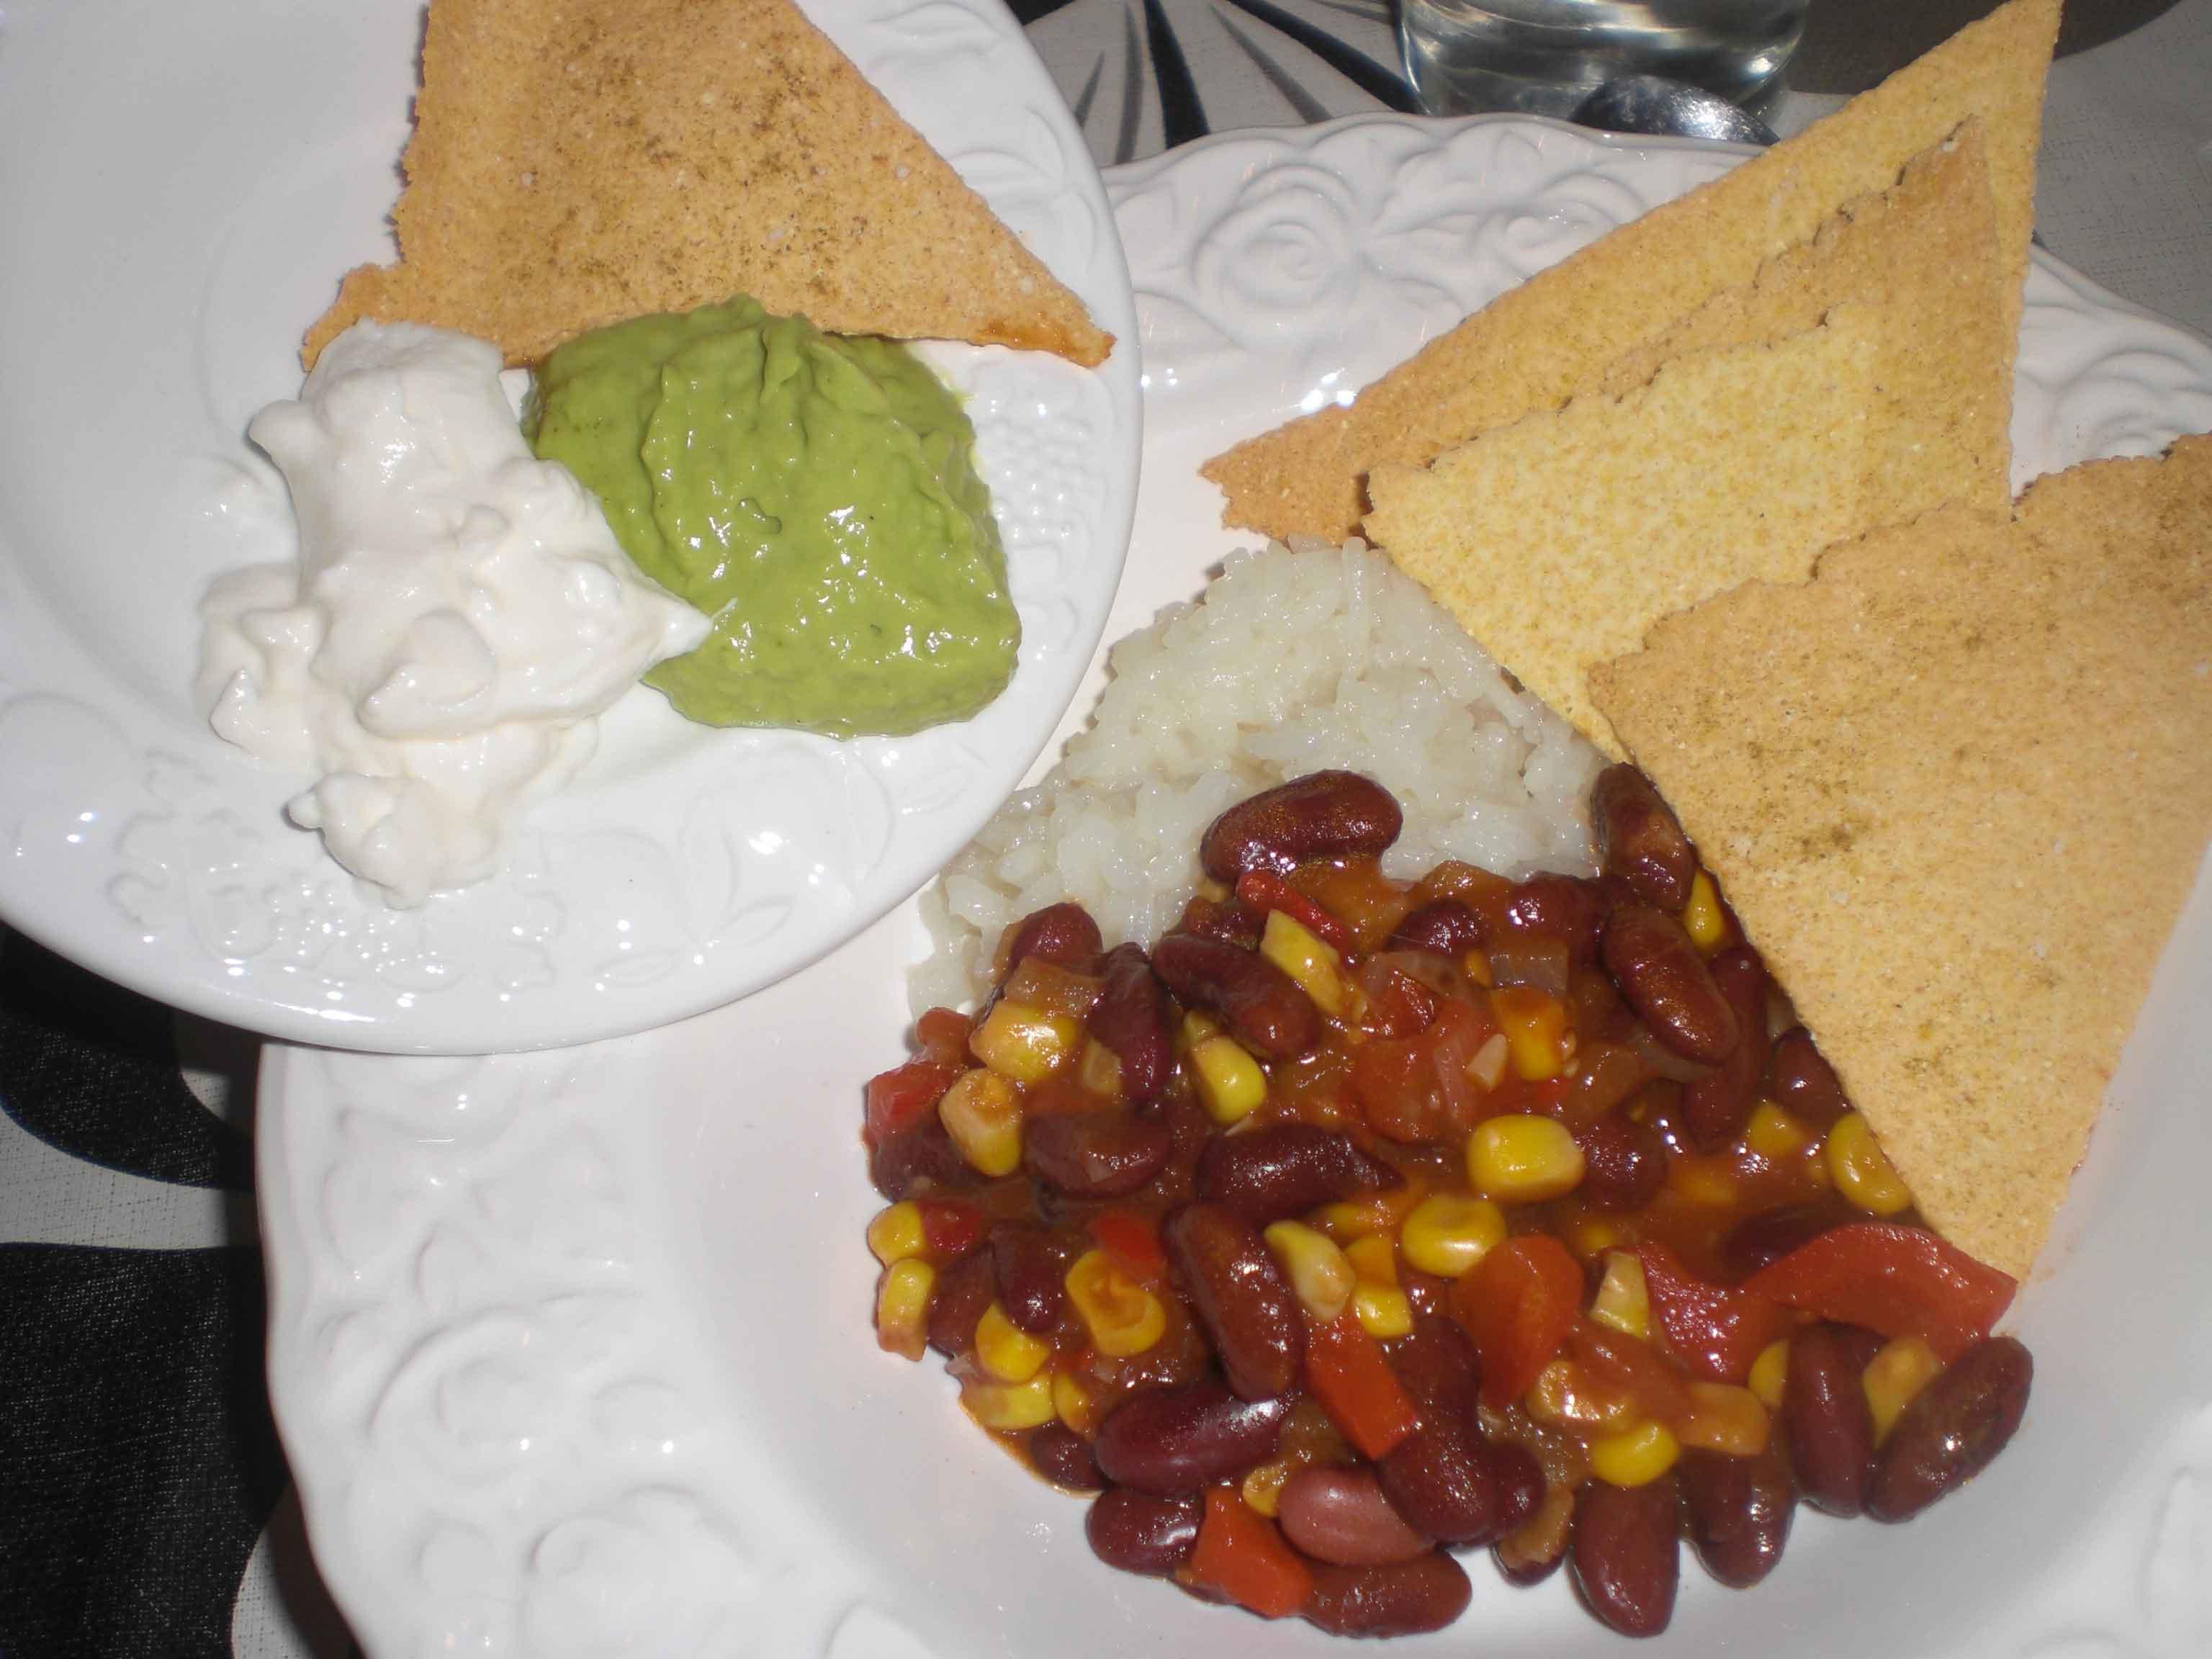 Nachos og guacamole til mexicansk gryde